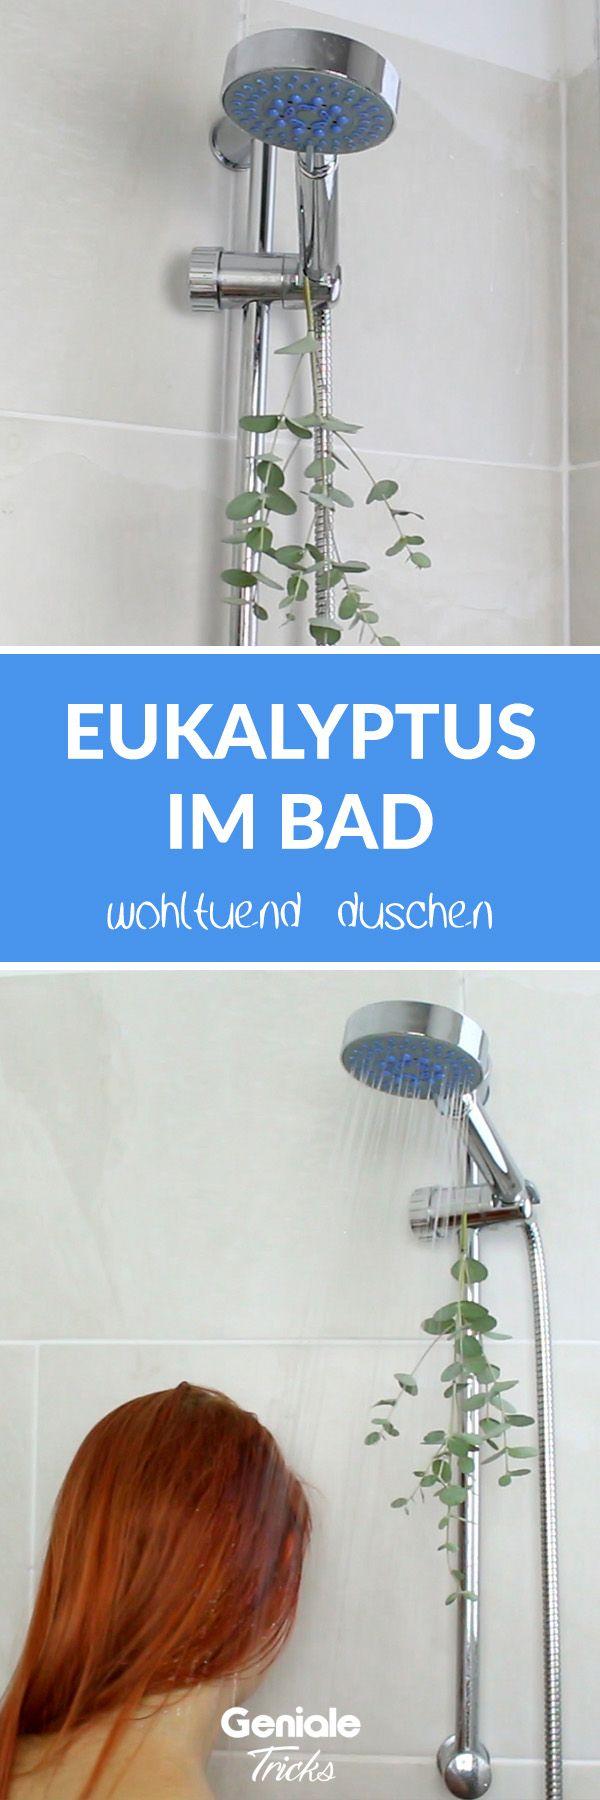 Gesunde Brause So Steigert Eukalyptus In Der Dusche Dein